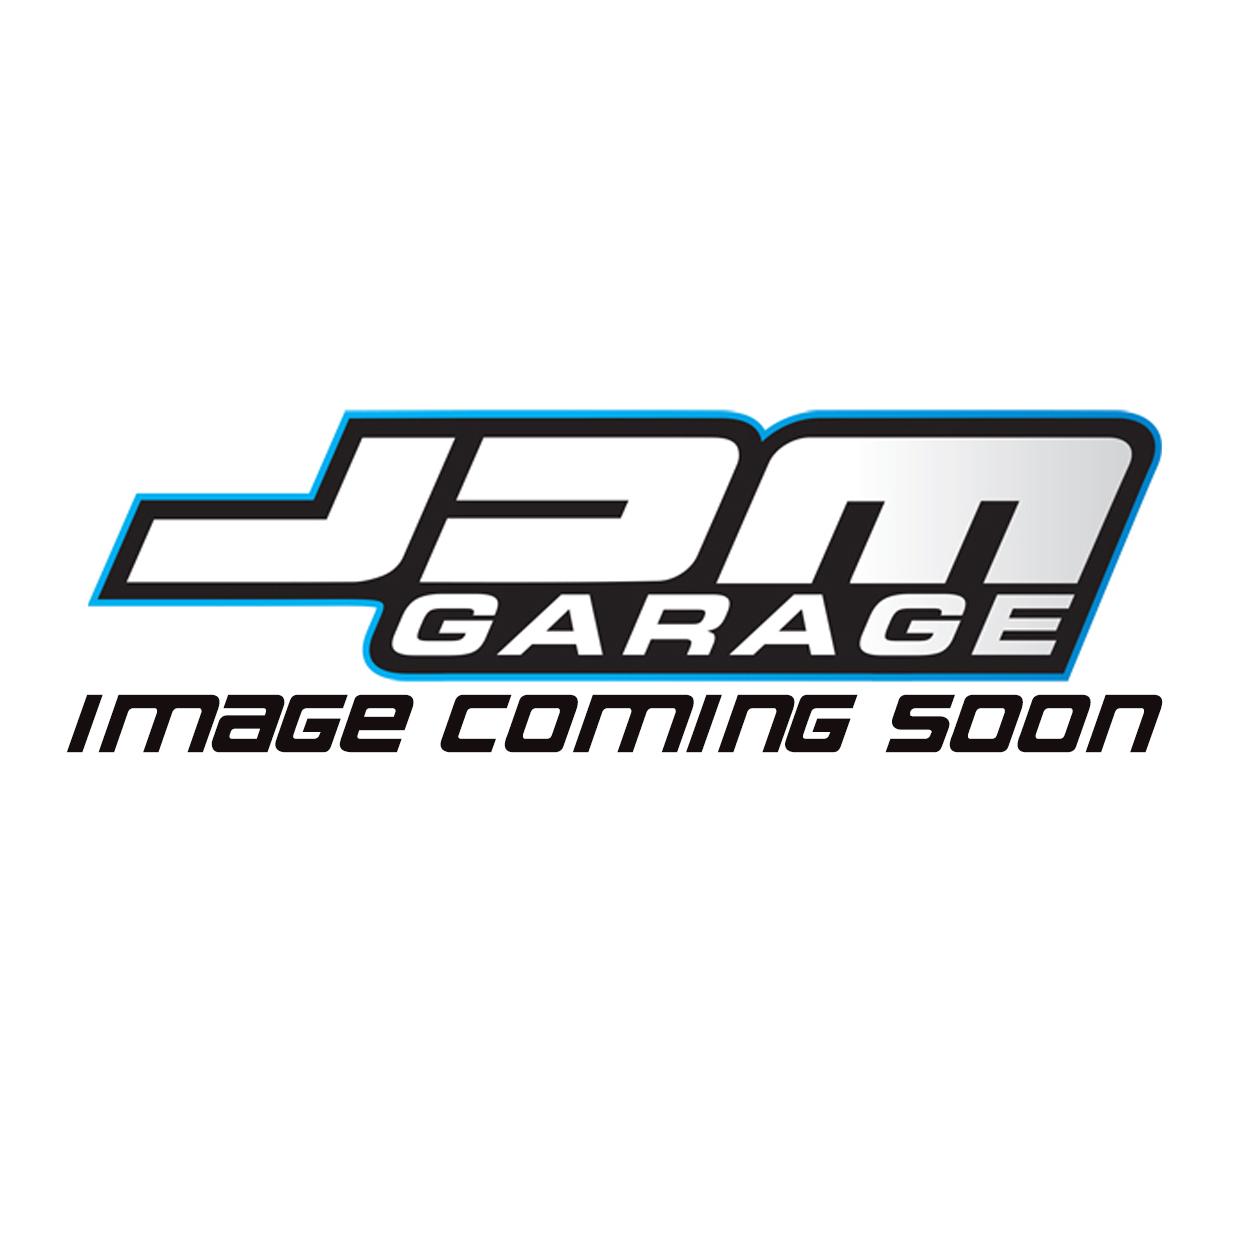 Genuine Nissan Red Lightning Bolt Front Bonnet Badge Emblem For Nissan Silvia S15 65892-85F00